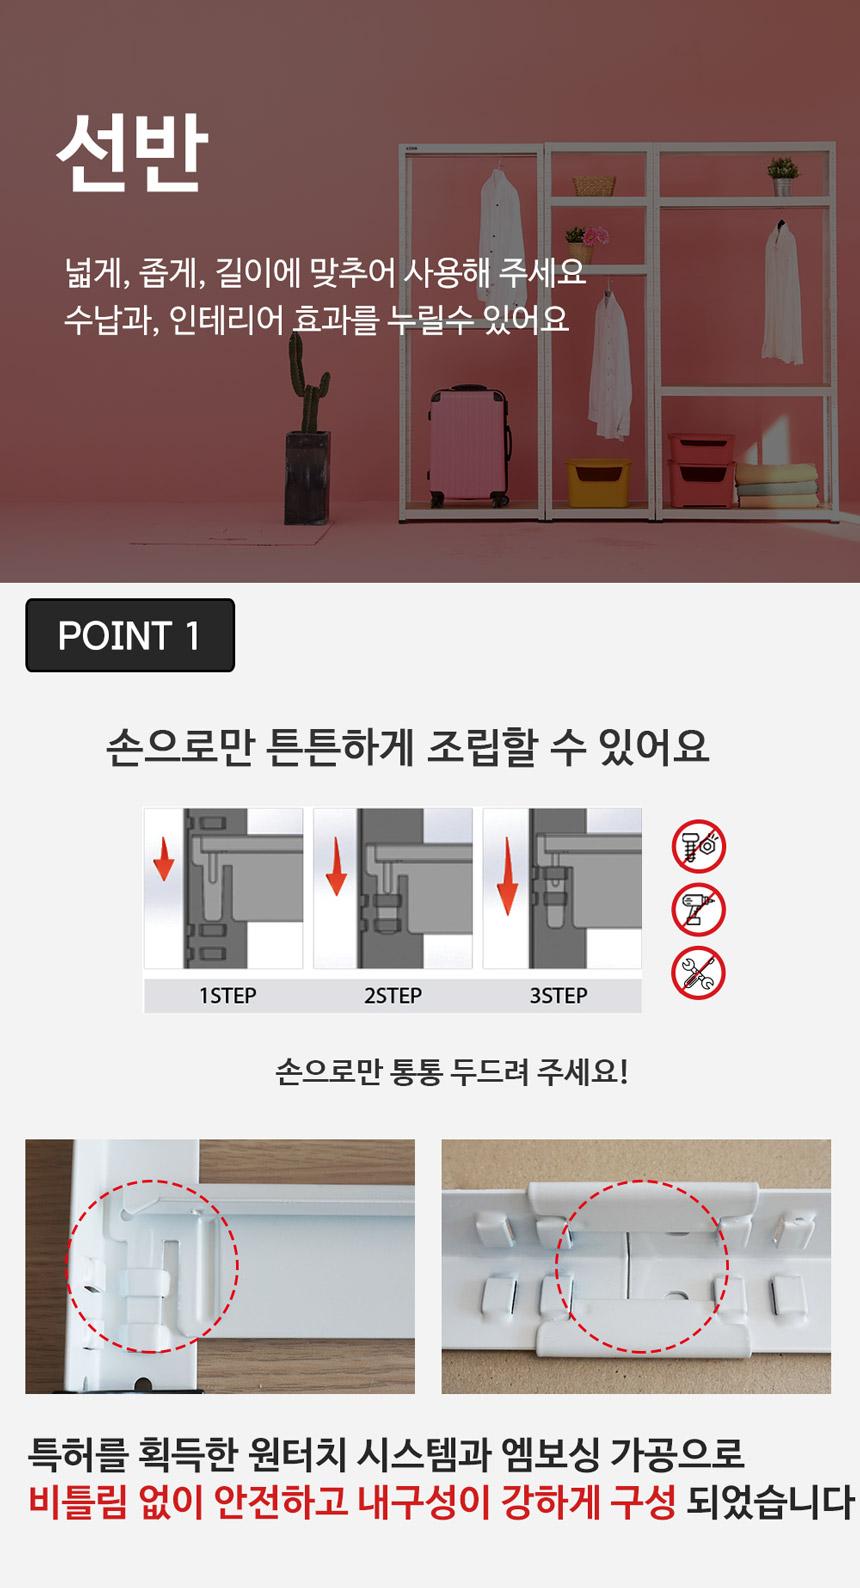 03_point2.jpg